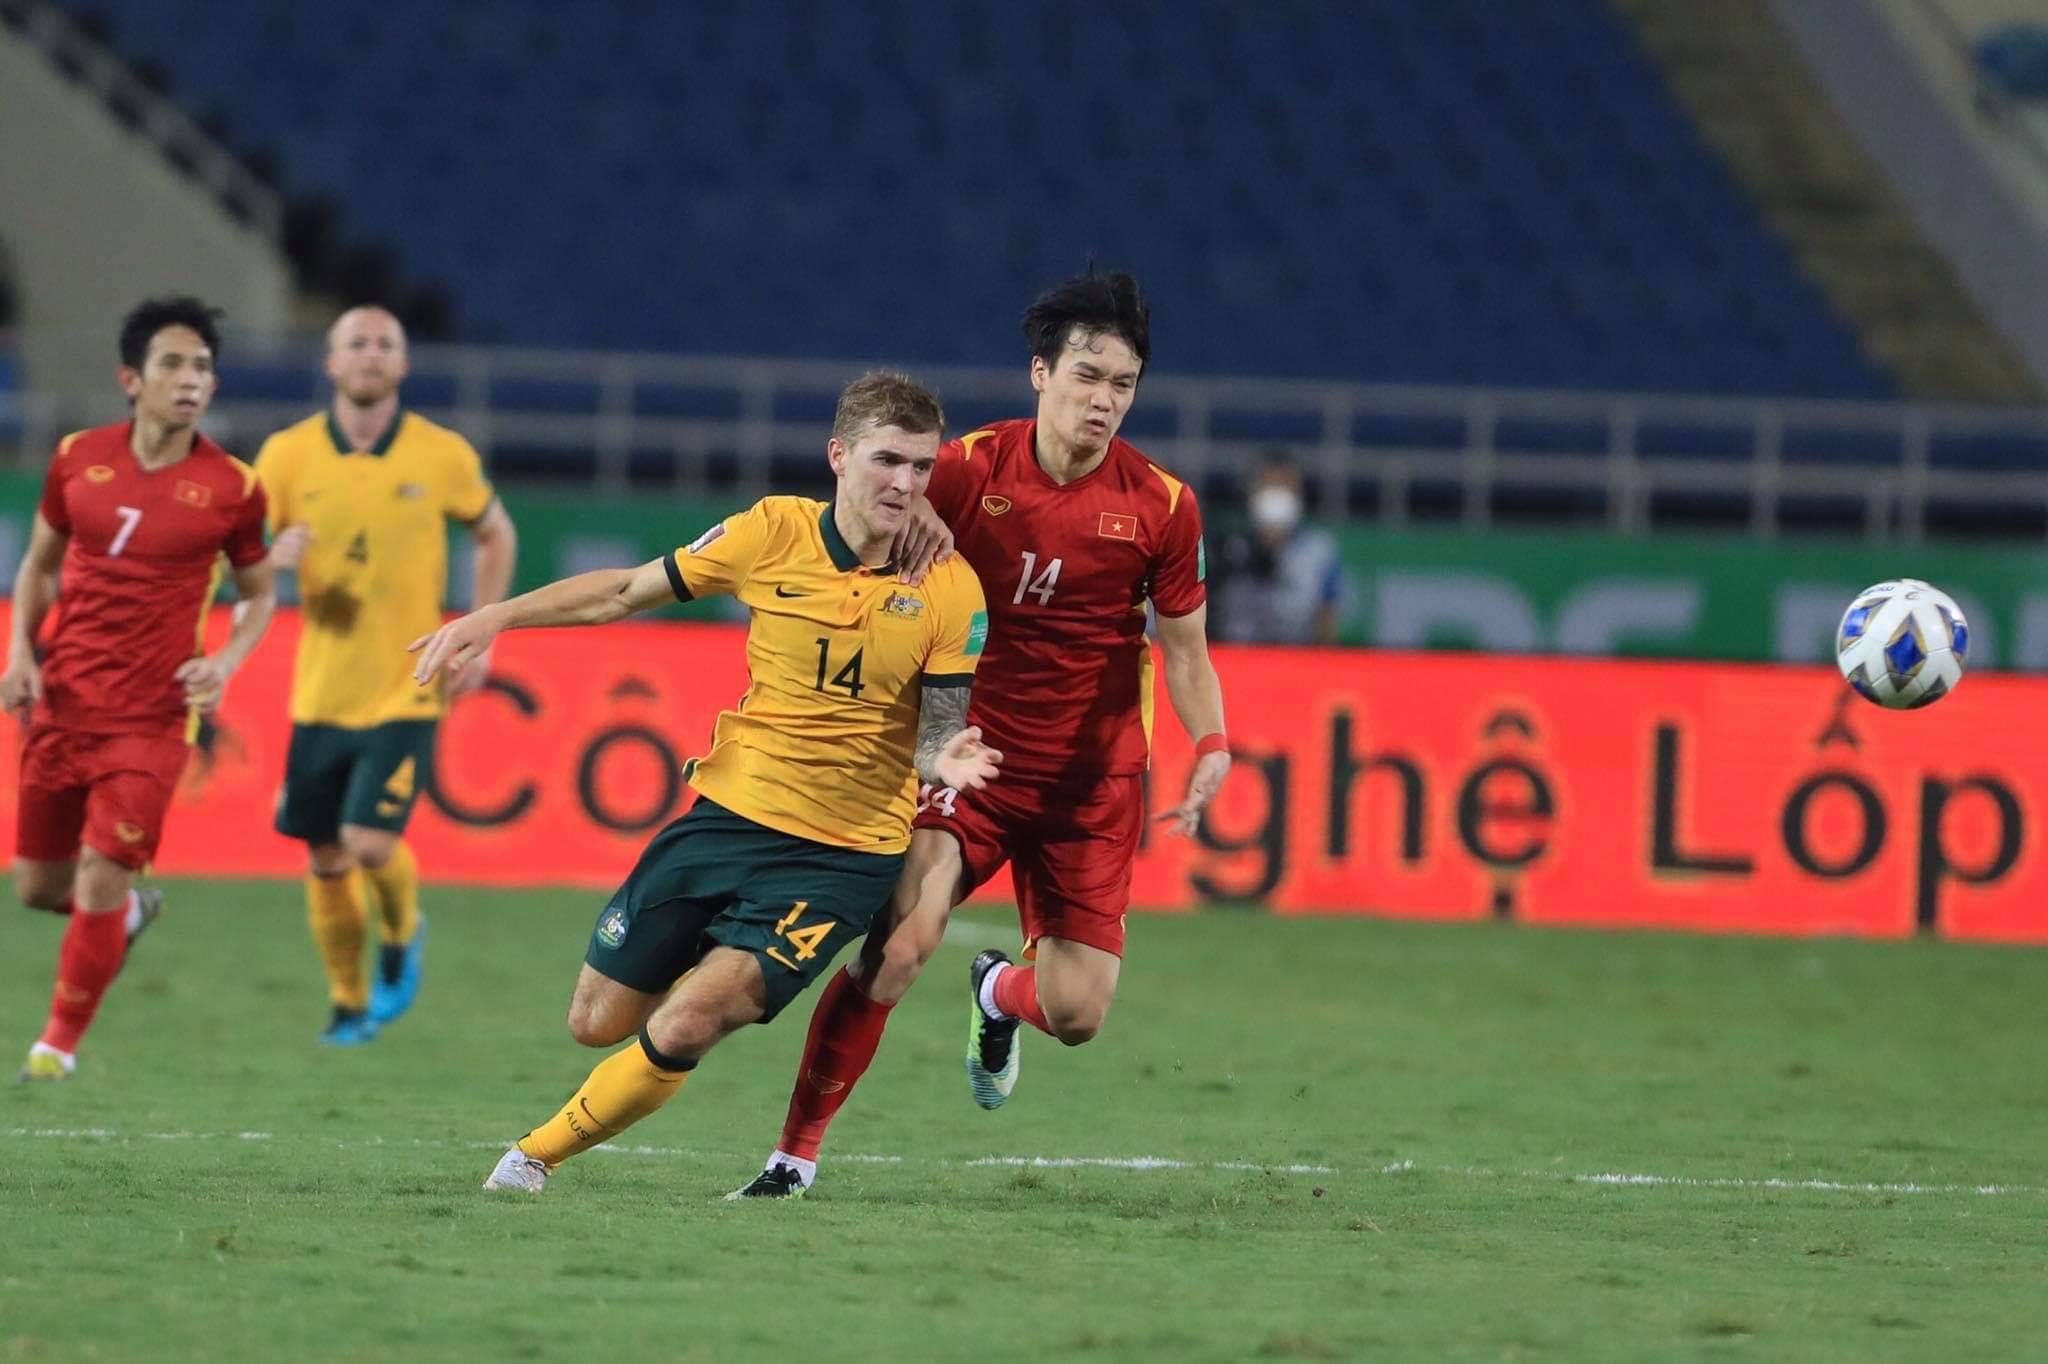 Hoàng Đức tiếp tục nhận lời đề nghị từ Oman sau màn trình diễn ấn tượng cùng ĐT Việt Nam ở vòng loại thứ 3 World Cup 2022 - Ảnh: Đức Cường